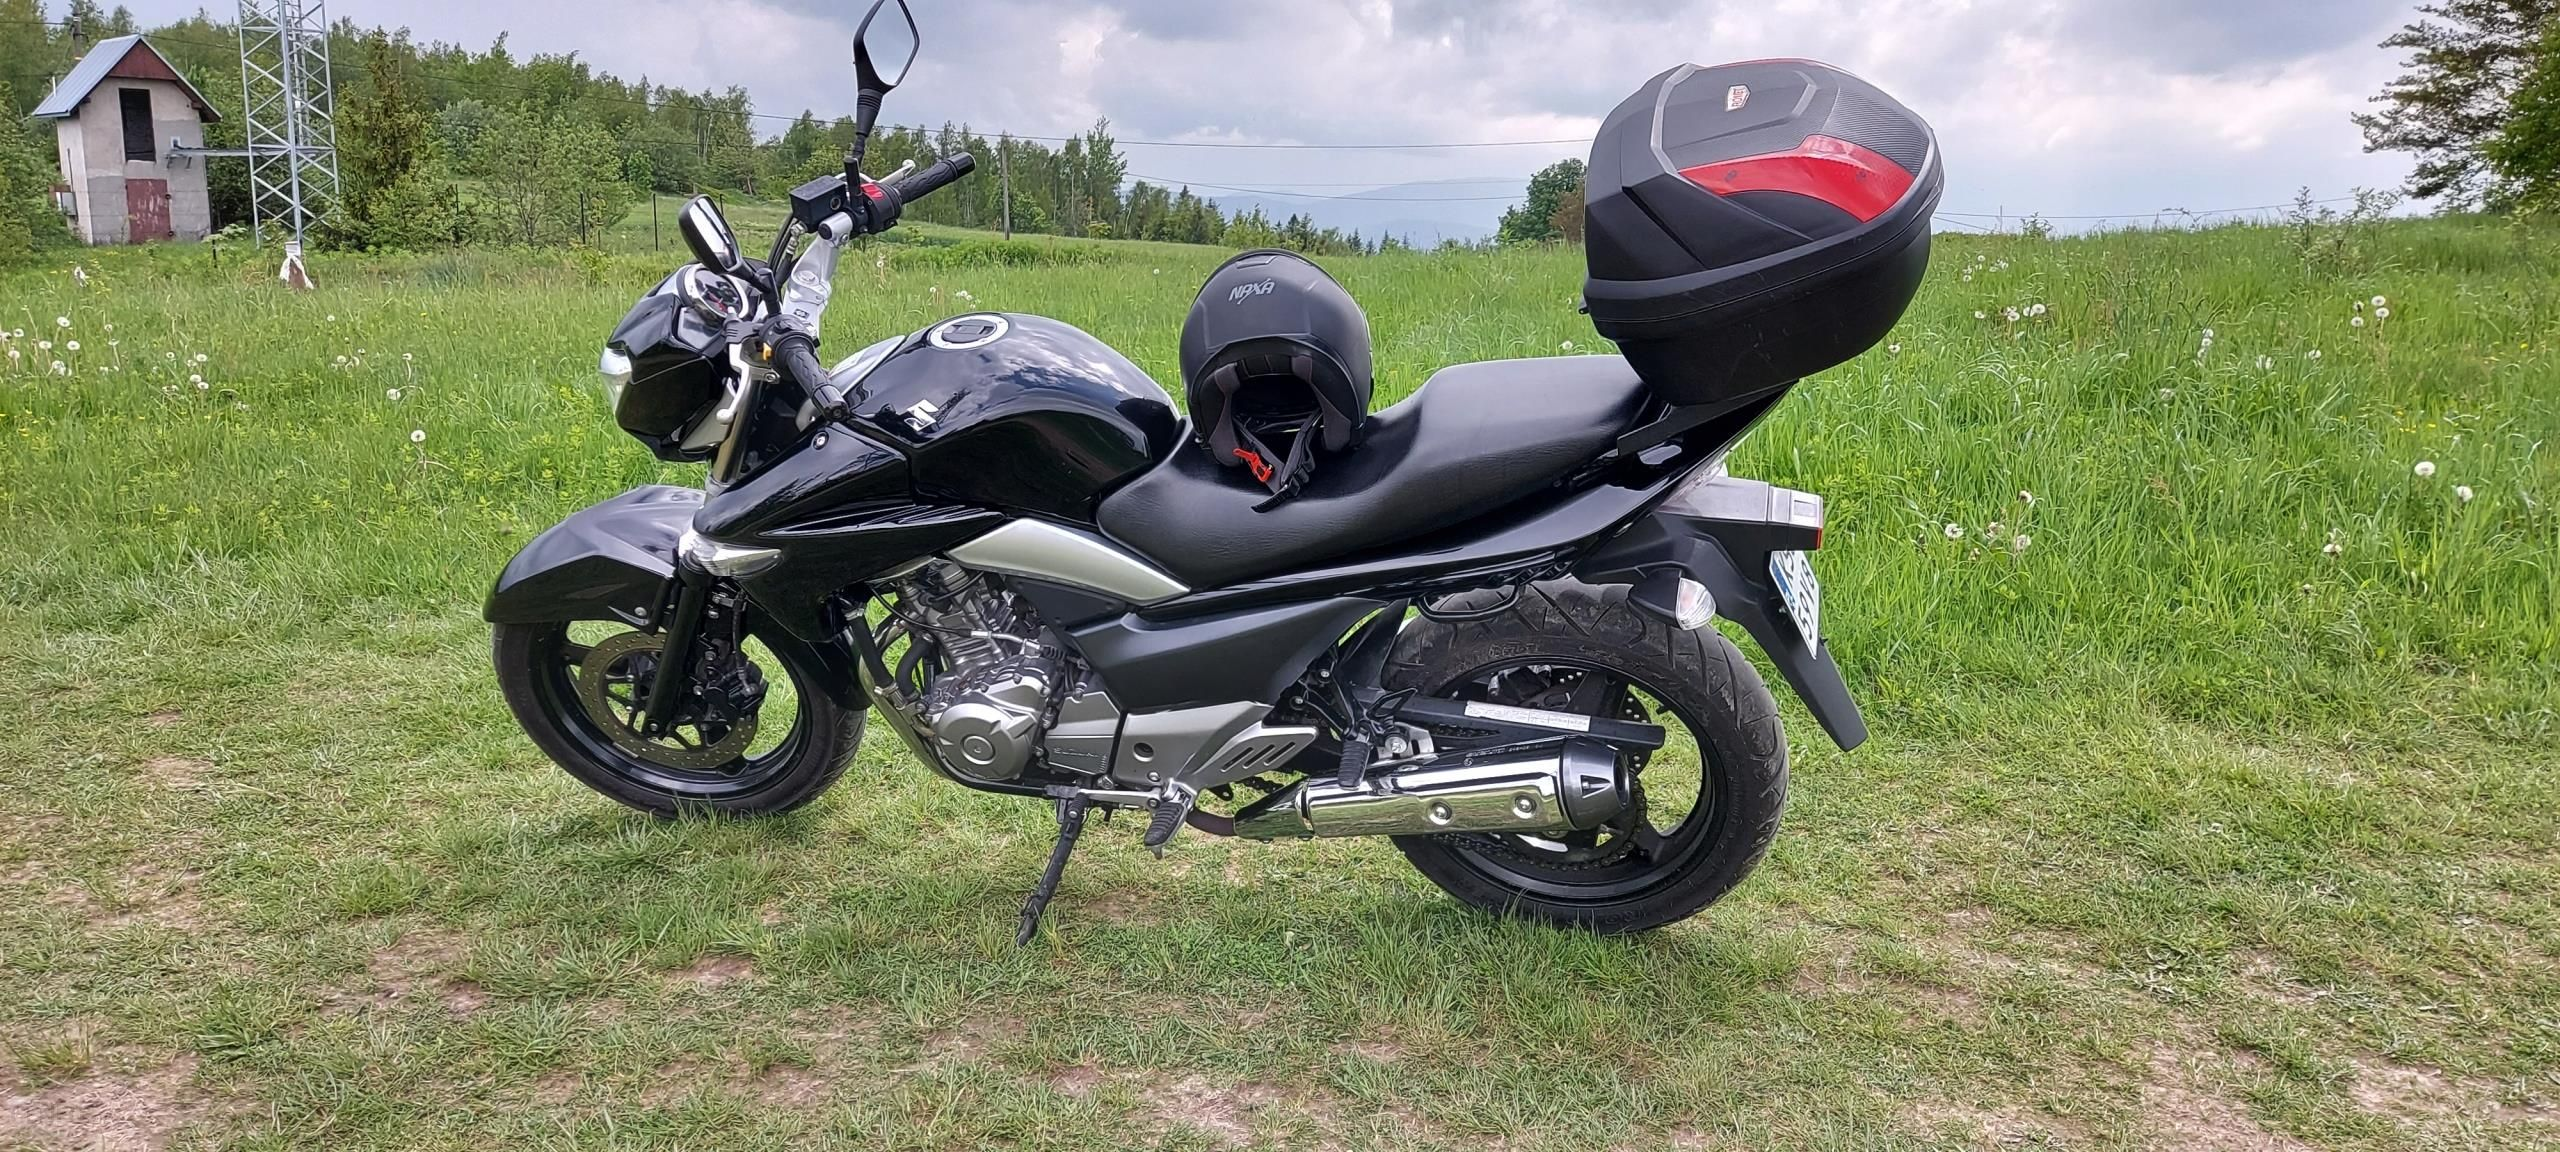 Suzuki Inazuma 250 Gw250 Opinie I Ceny Na Ceneo Pl